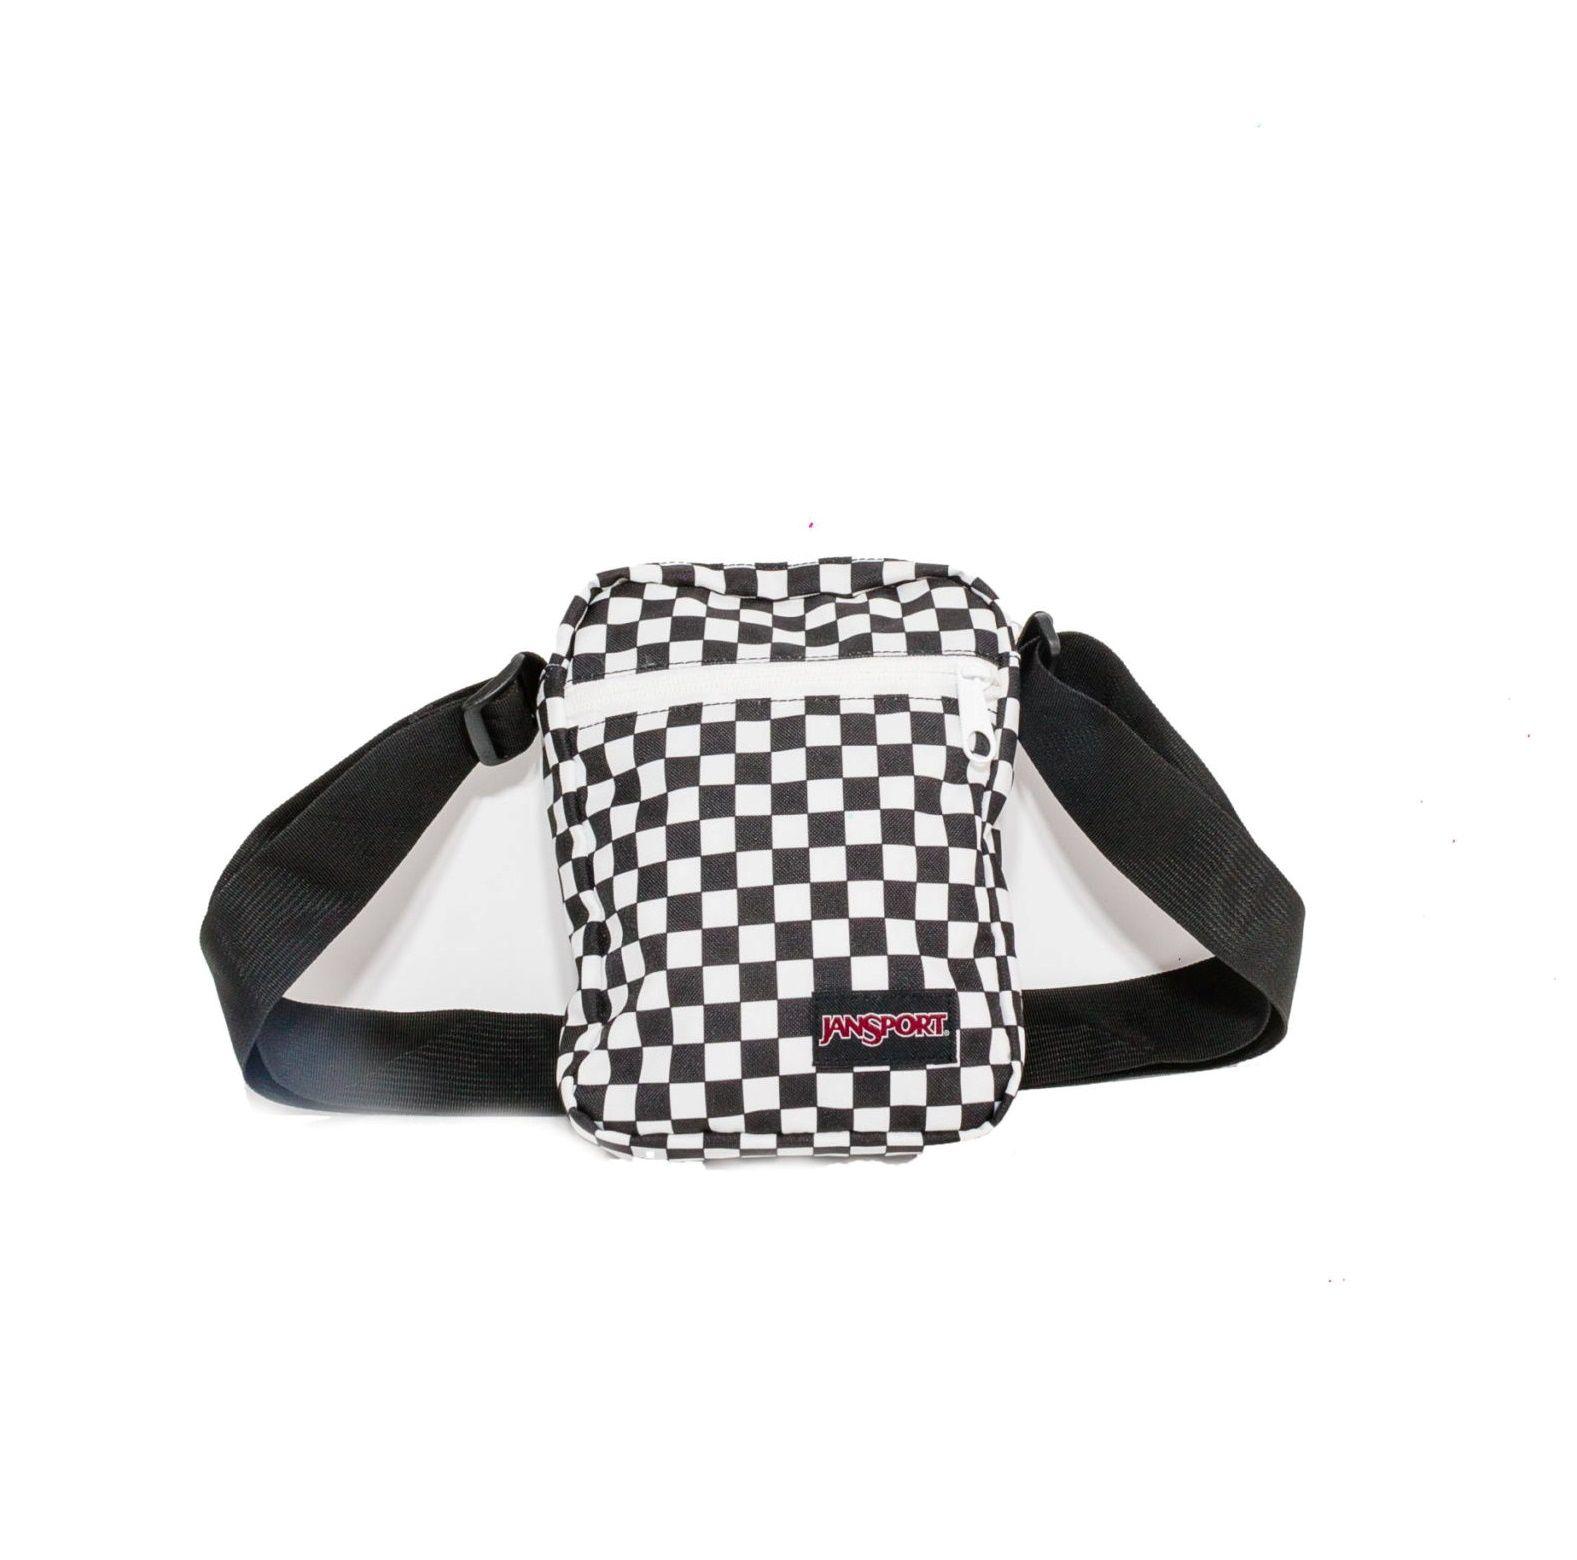 Shoulder Bag Jansport Quadriculada